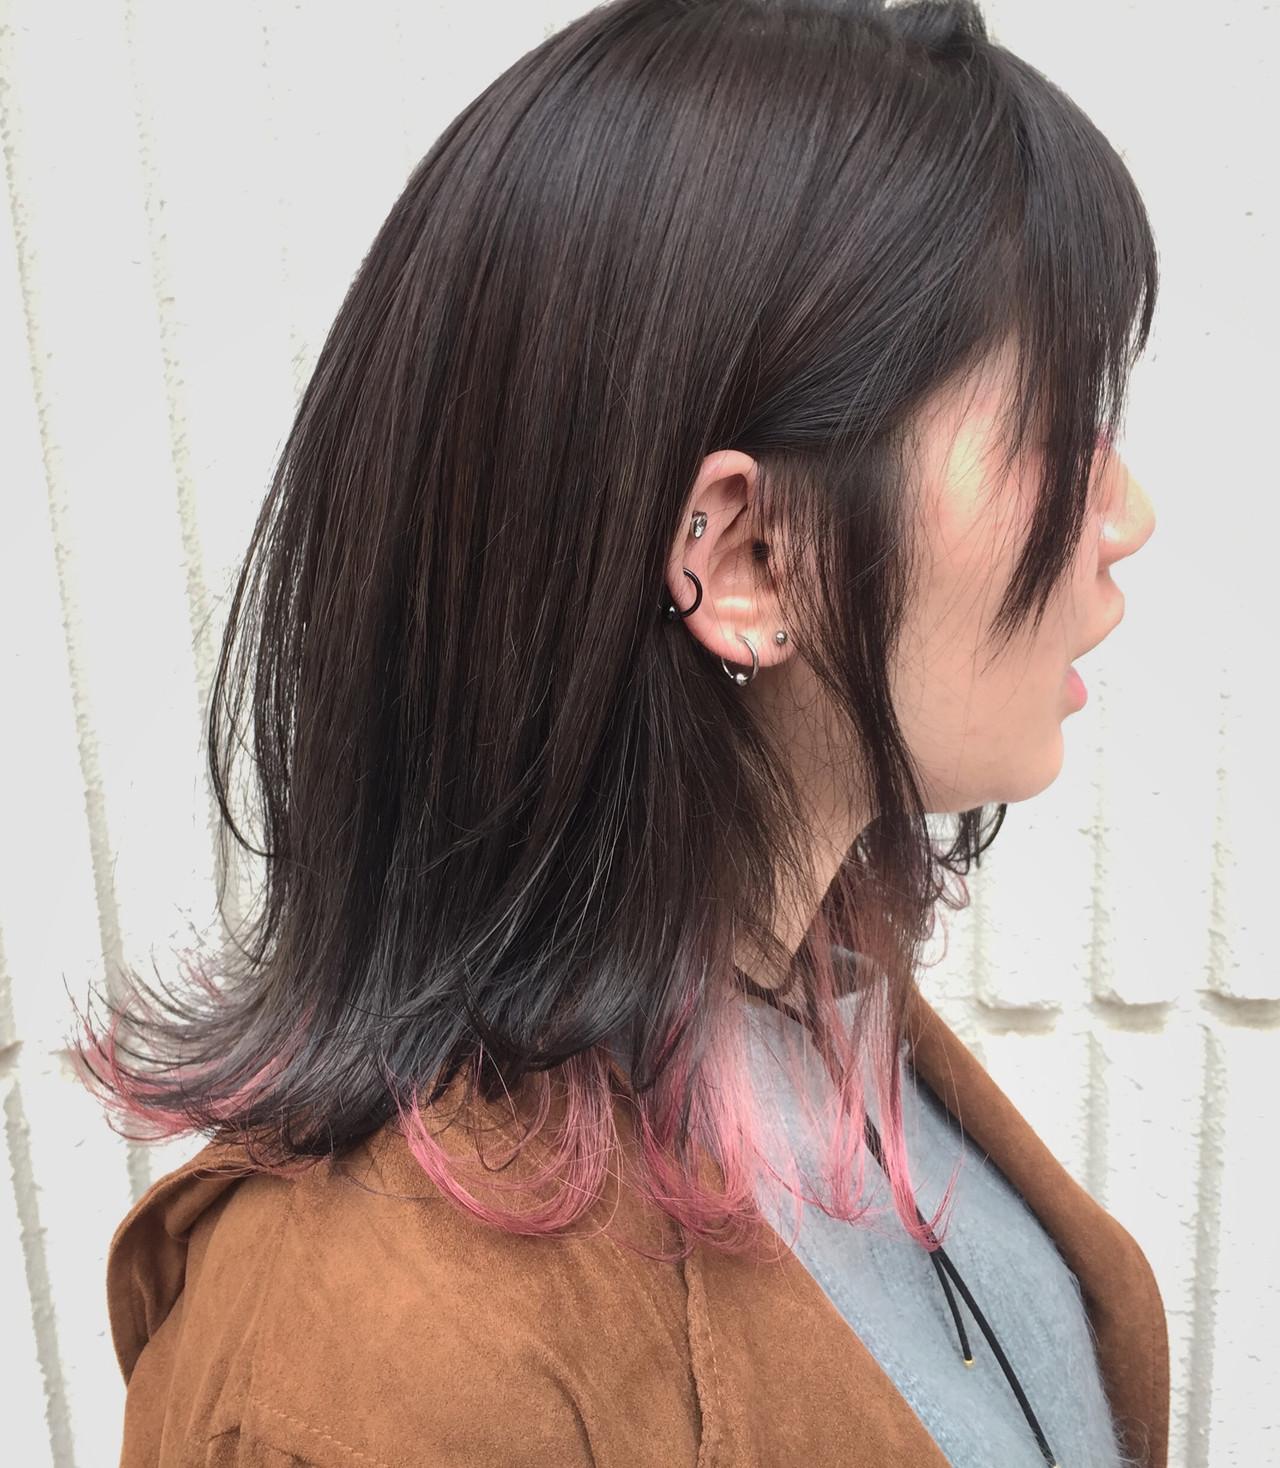 ガーリー 3Dハイライト ミディアム インナーカラー ヘアスタイルや髪型の写真・画像